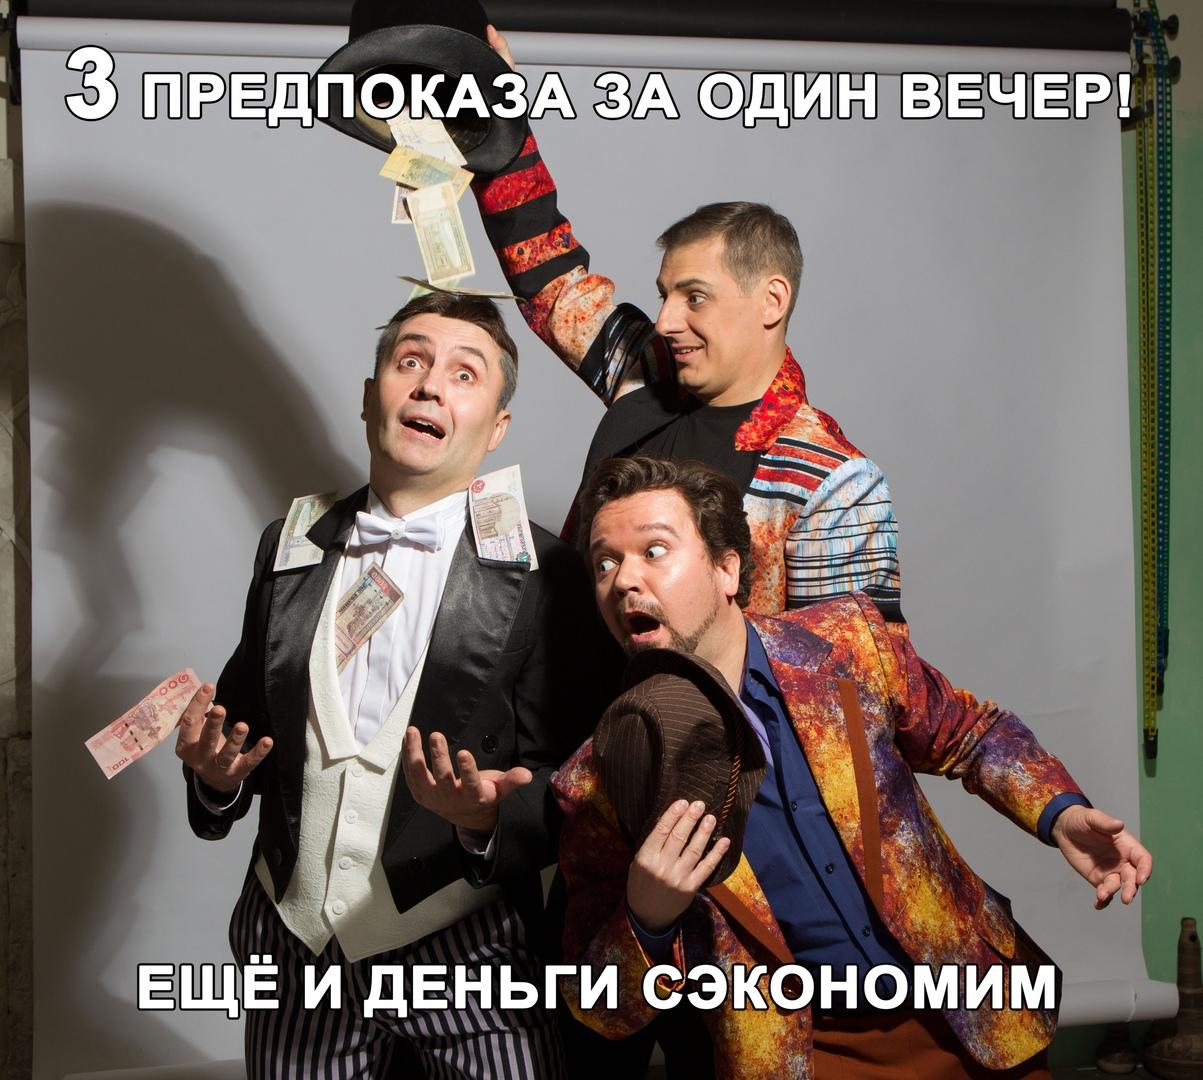 Ночь премьер в красноярском музыкальном театре: три спектакля за 10 рублей